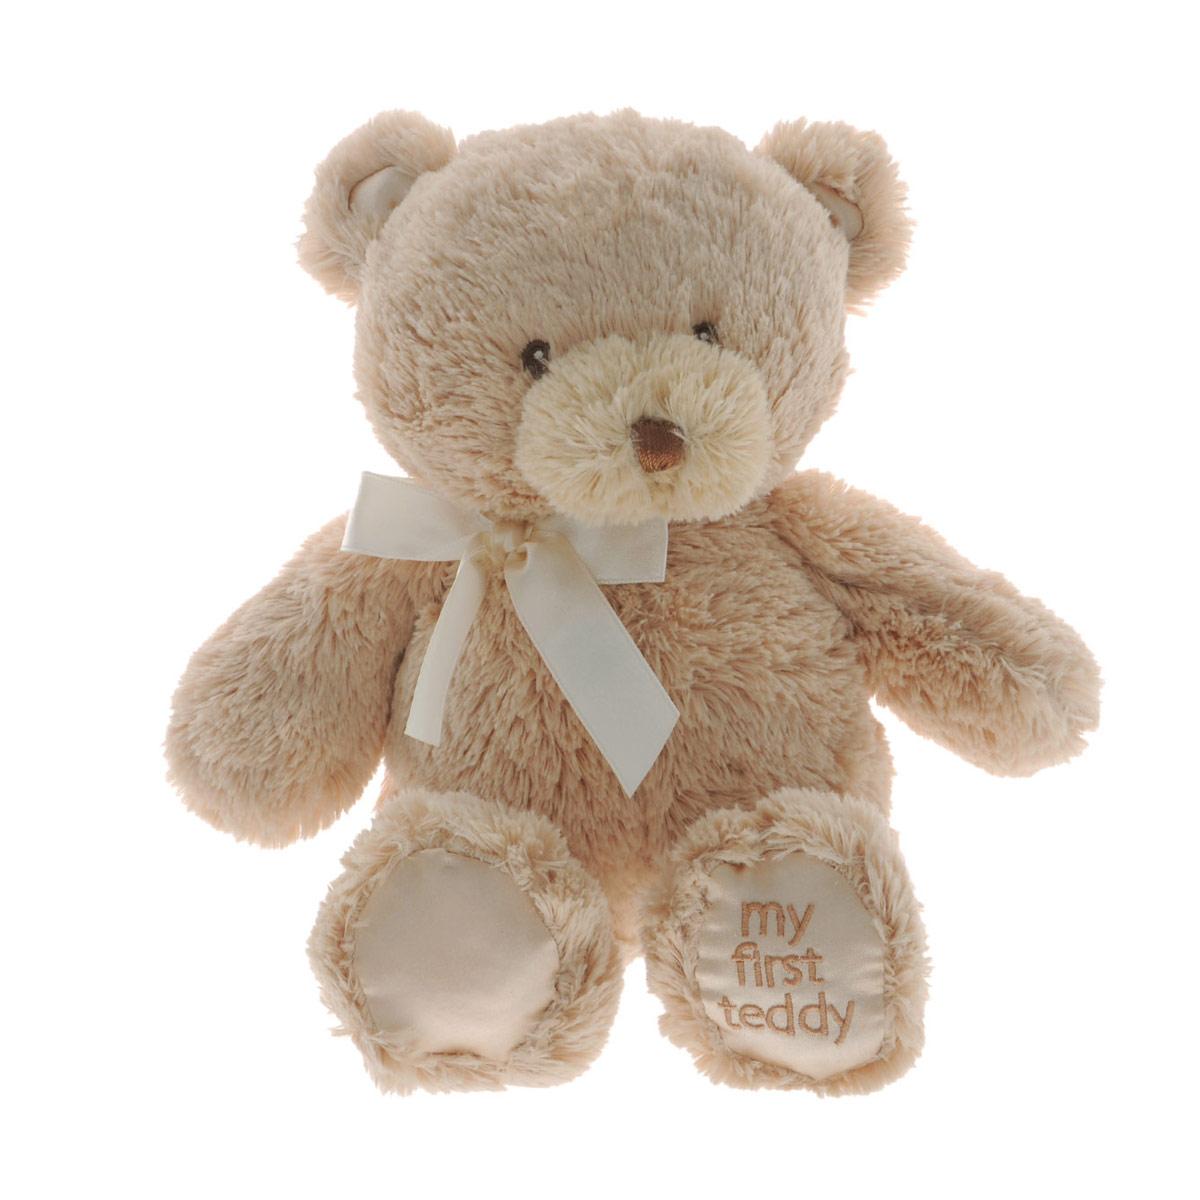 Gund Мягкая игрушка My First Teddy цвет бежевый 22,5 см240232_бежевыйМягкая игрушка My First Teddy станет отличным подарком как ребенку, так и взрослому. Игрушка невероятно мягкая на ощупь, поэтому с ней приятно не только играть, но и засыпать. Пушистый медвежонок с милым бантиком непременно подарит хорошее настроение своему обладателю.